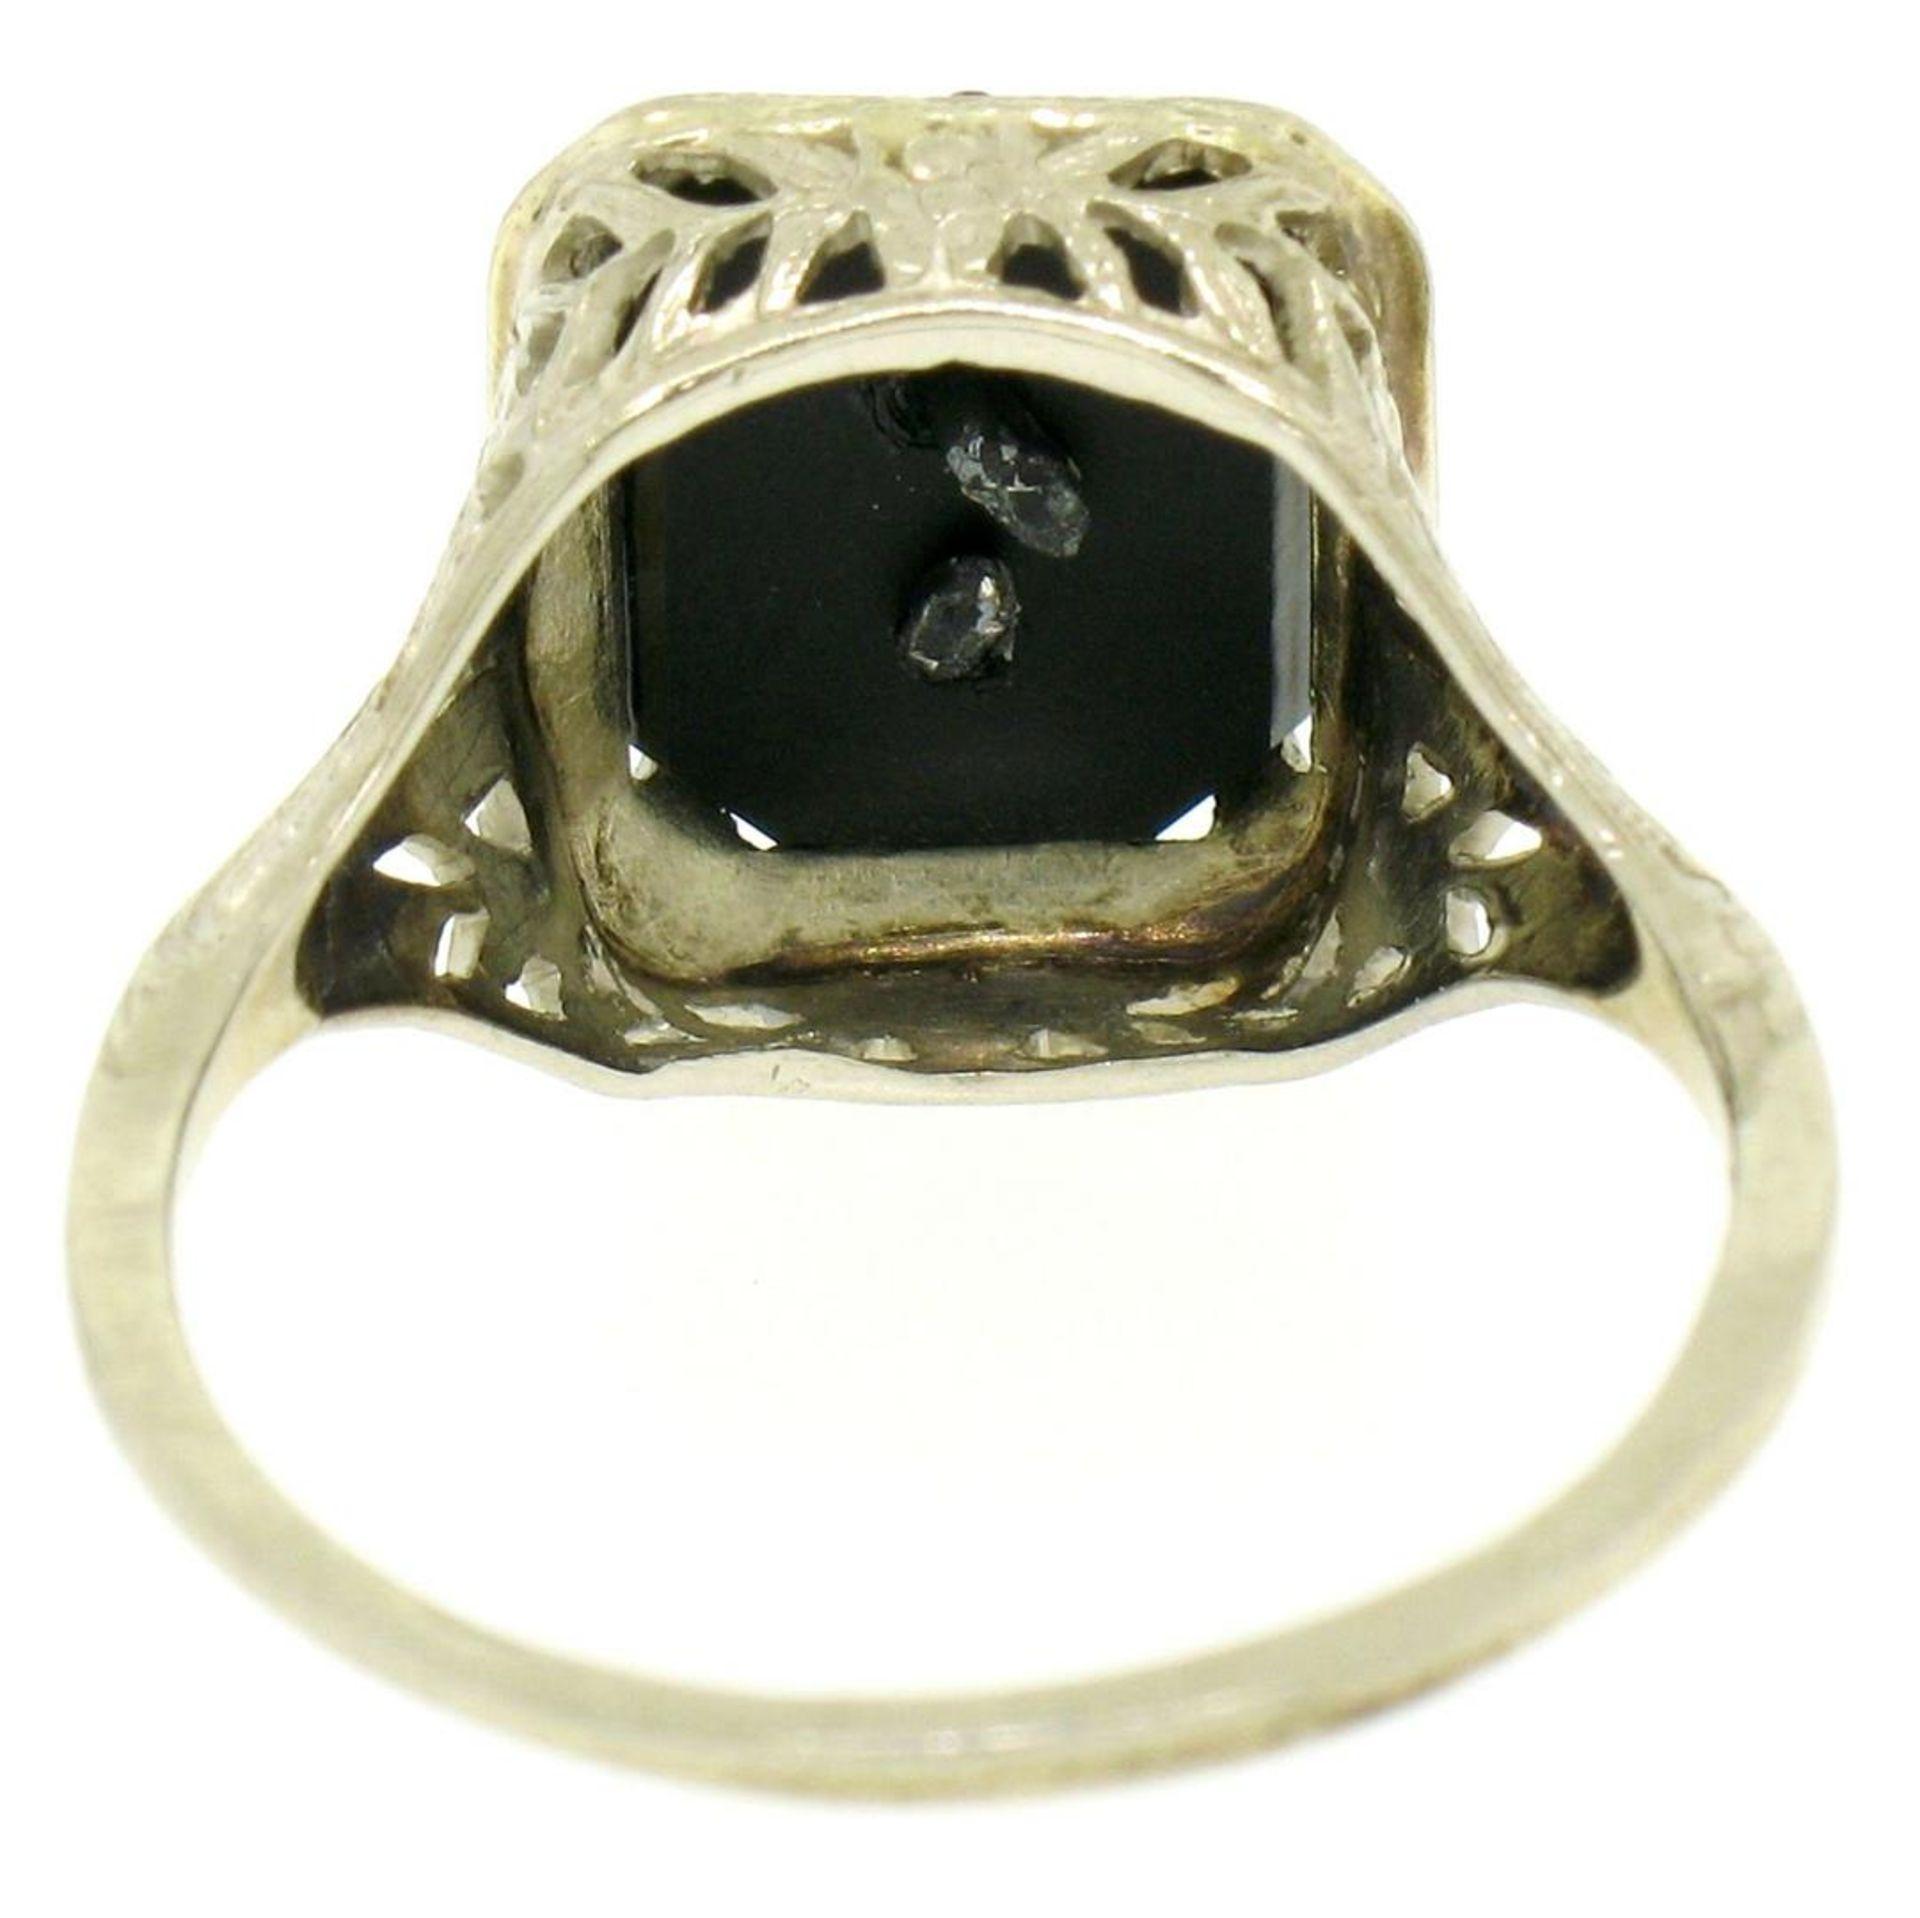 1925 14k White Gold Prong Set Black Onyx Filigree Dinner Ring - Image 5 of 8